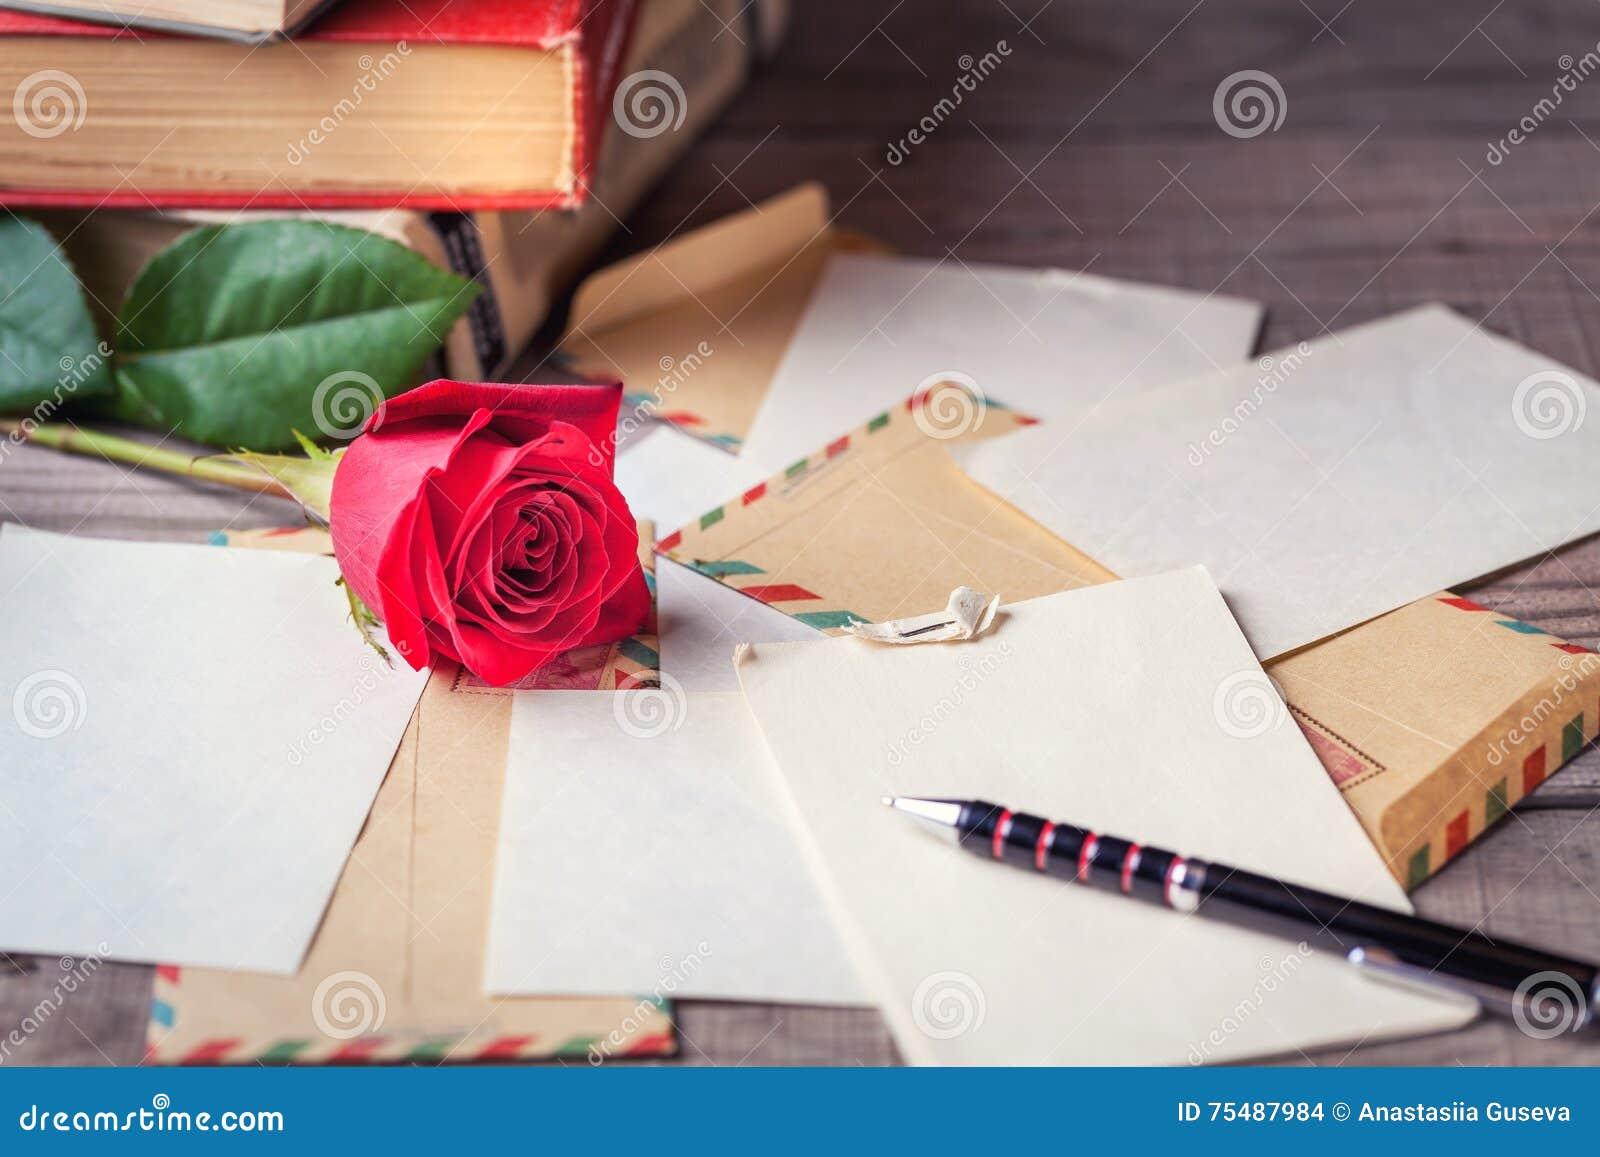 Weinleseumschläge Rotrose Und Blätter Papier Zerstreuten Auf